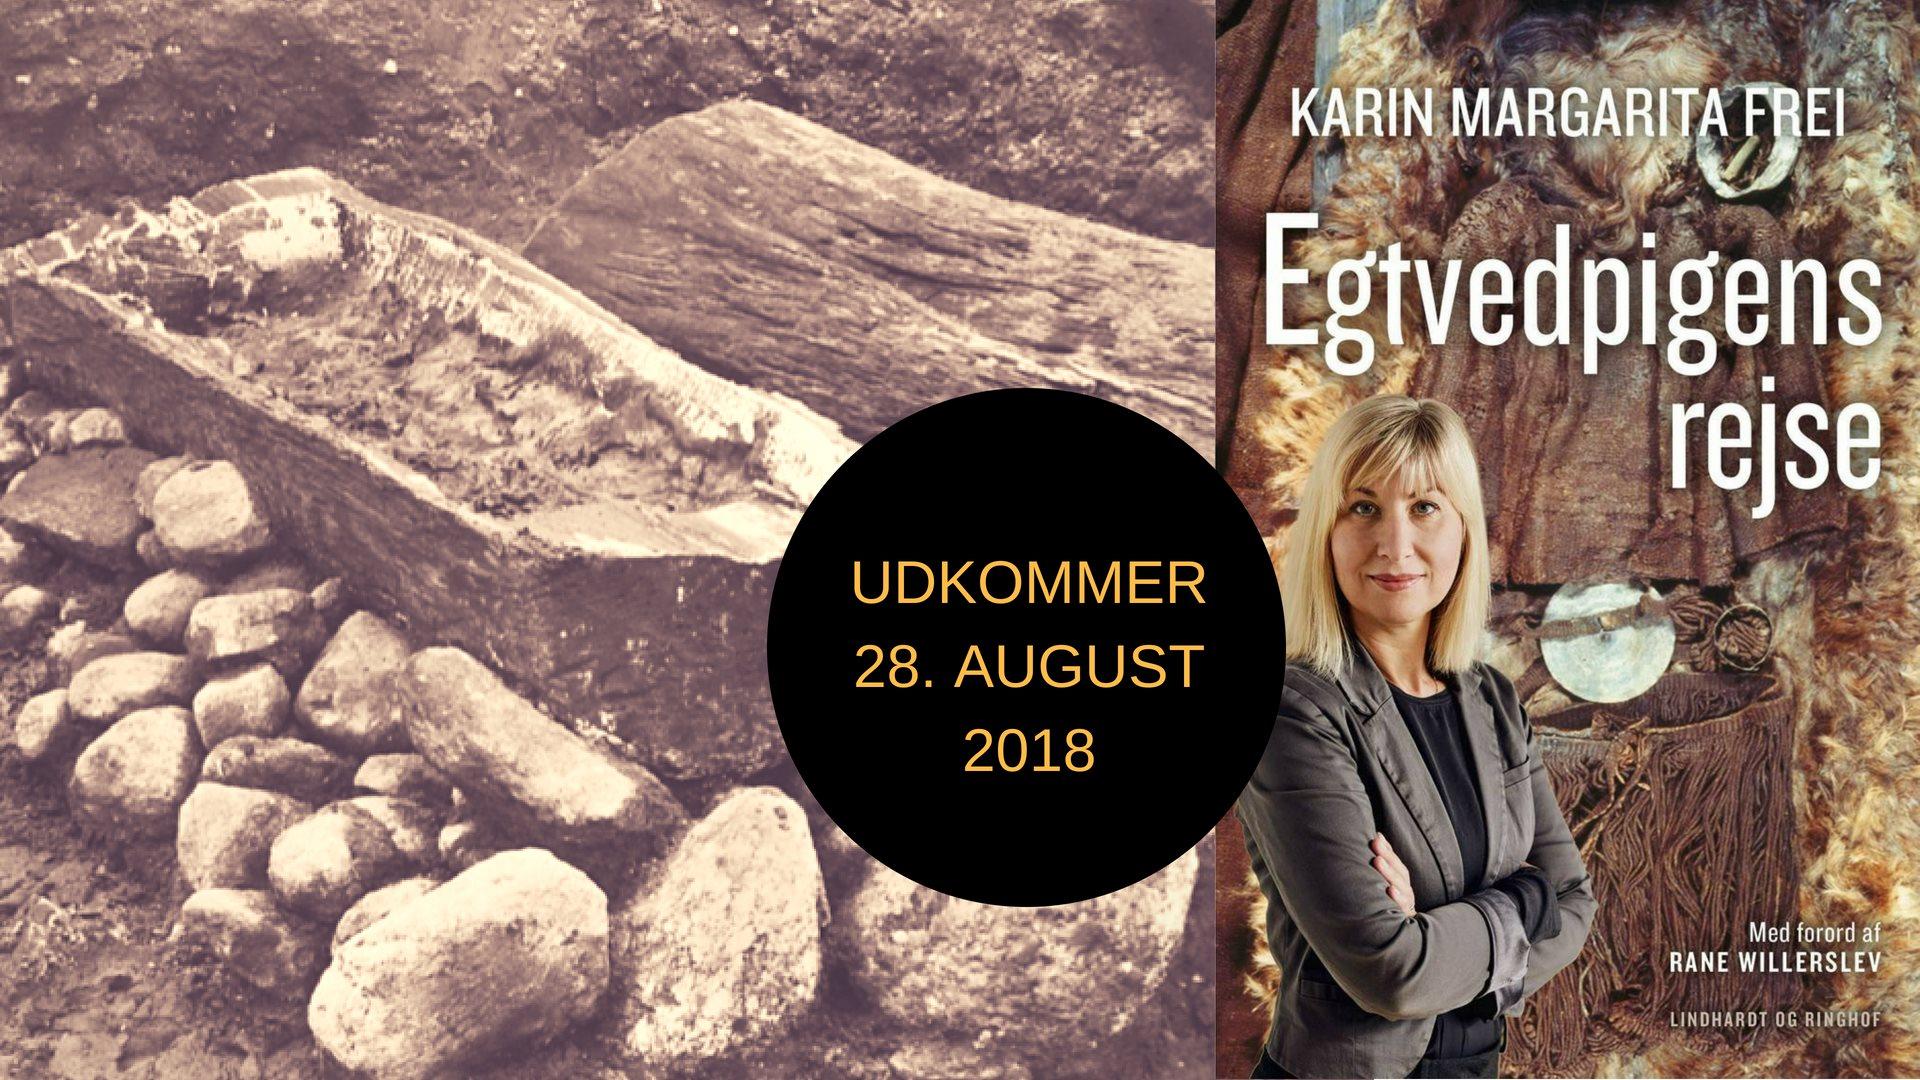 Egtvedpigen, Karin Frei, Nationalmuseet, bronzealderen, oldtidsfund